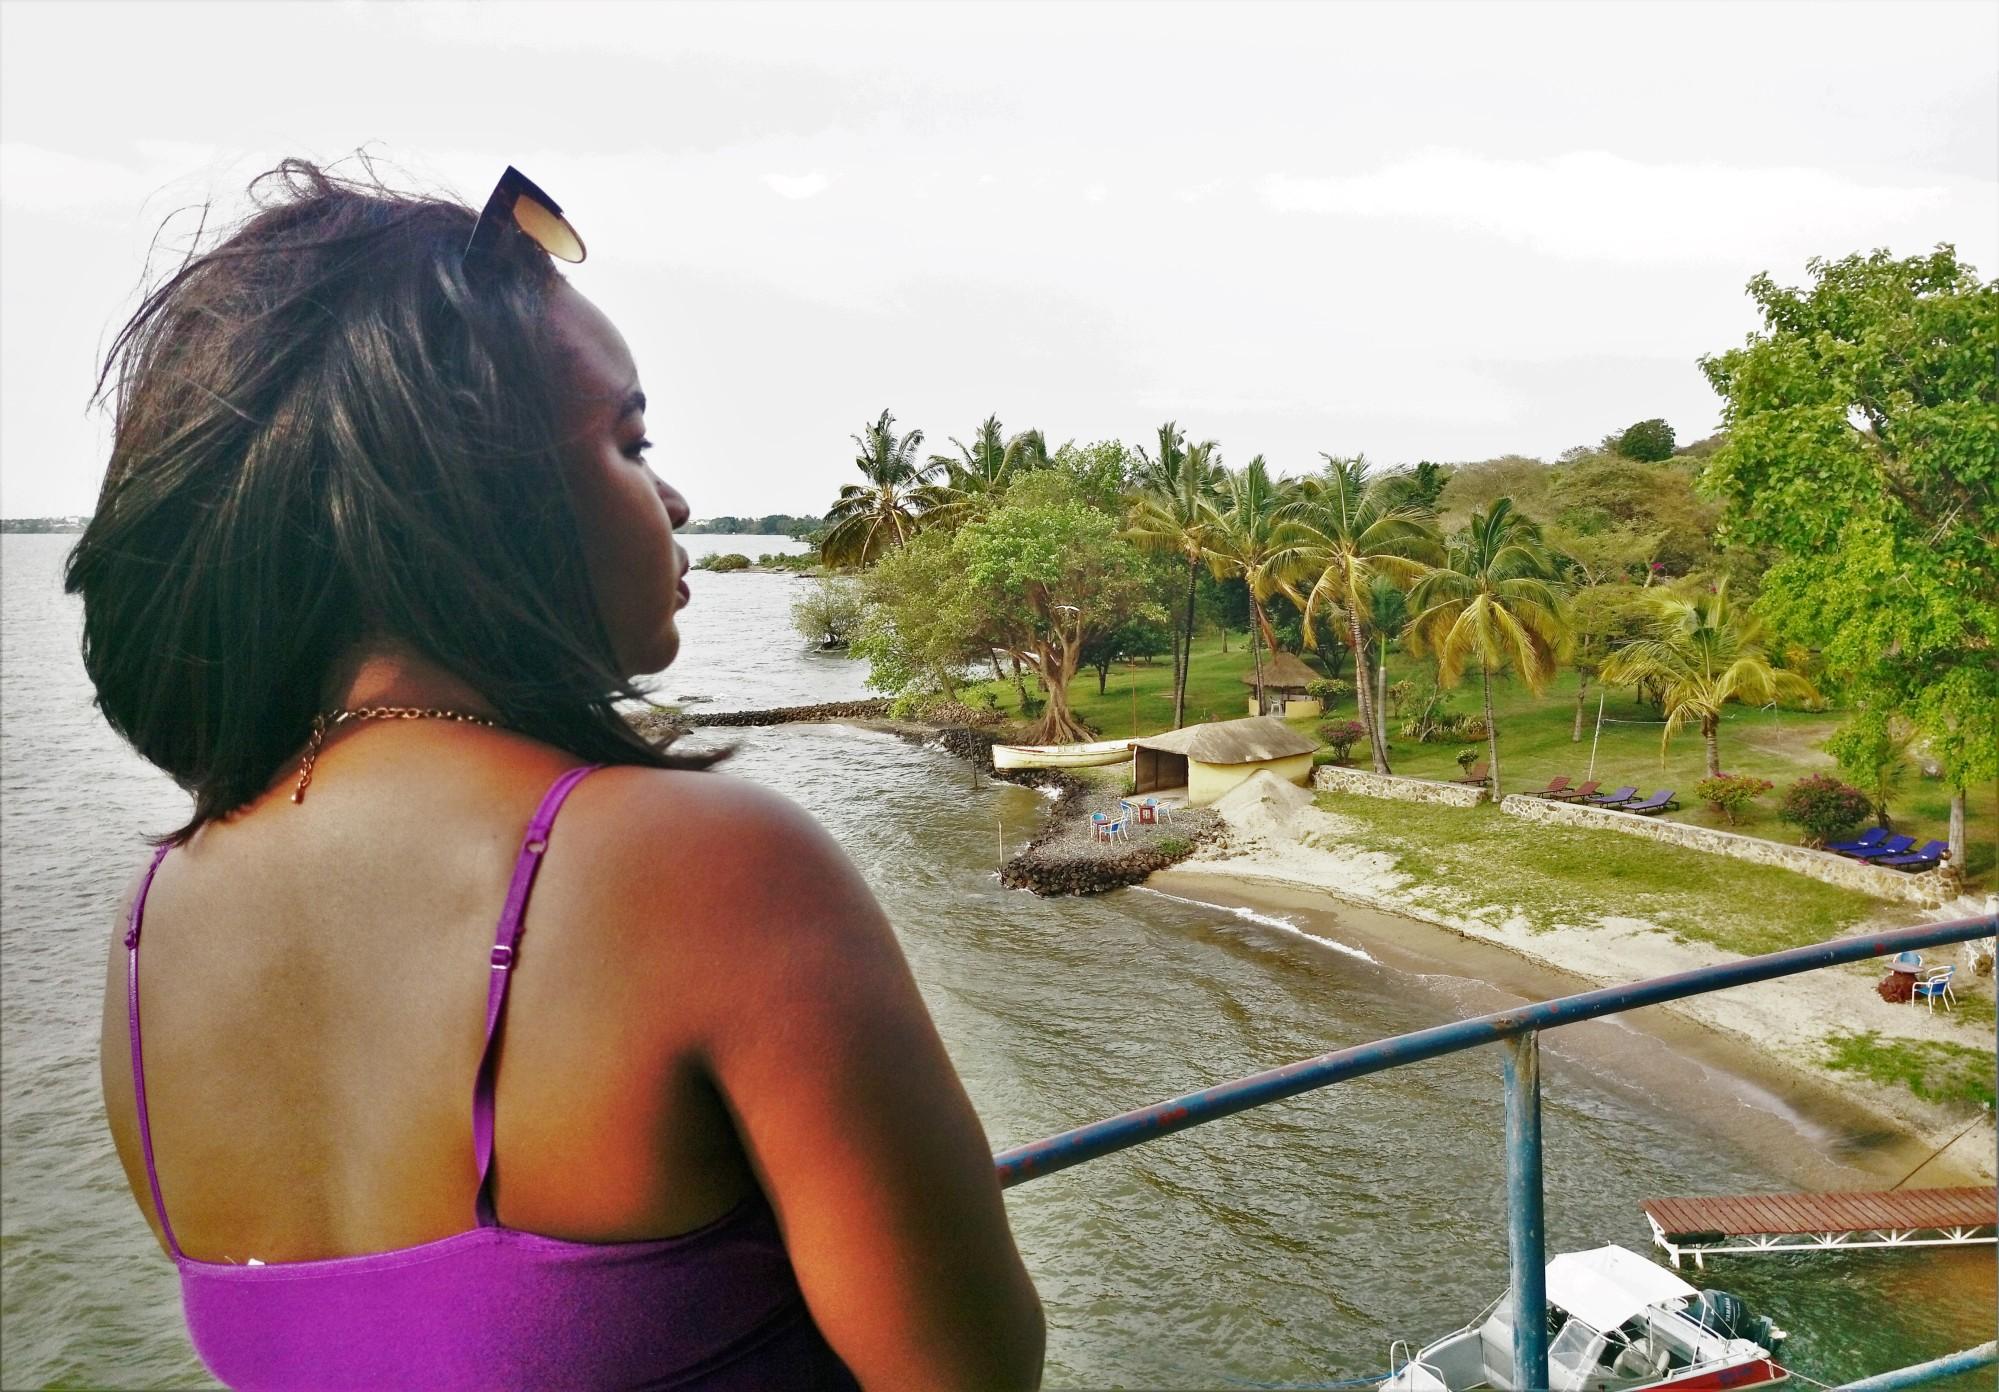 Tourist activities on Lake Victoria